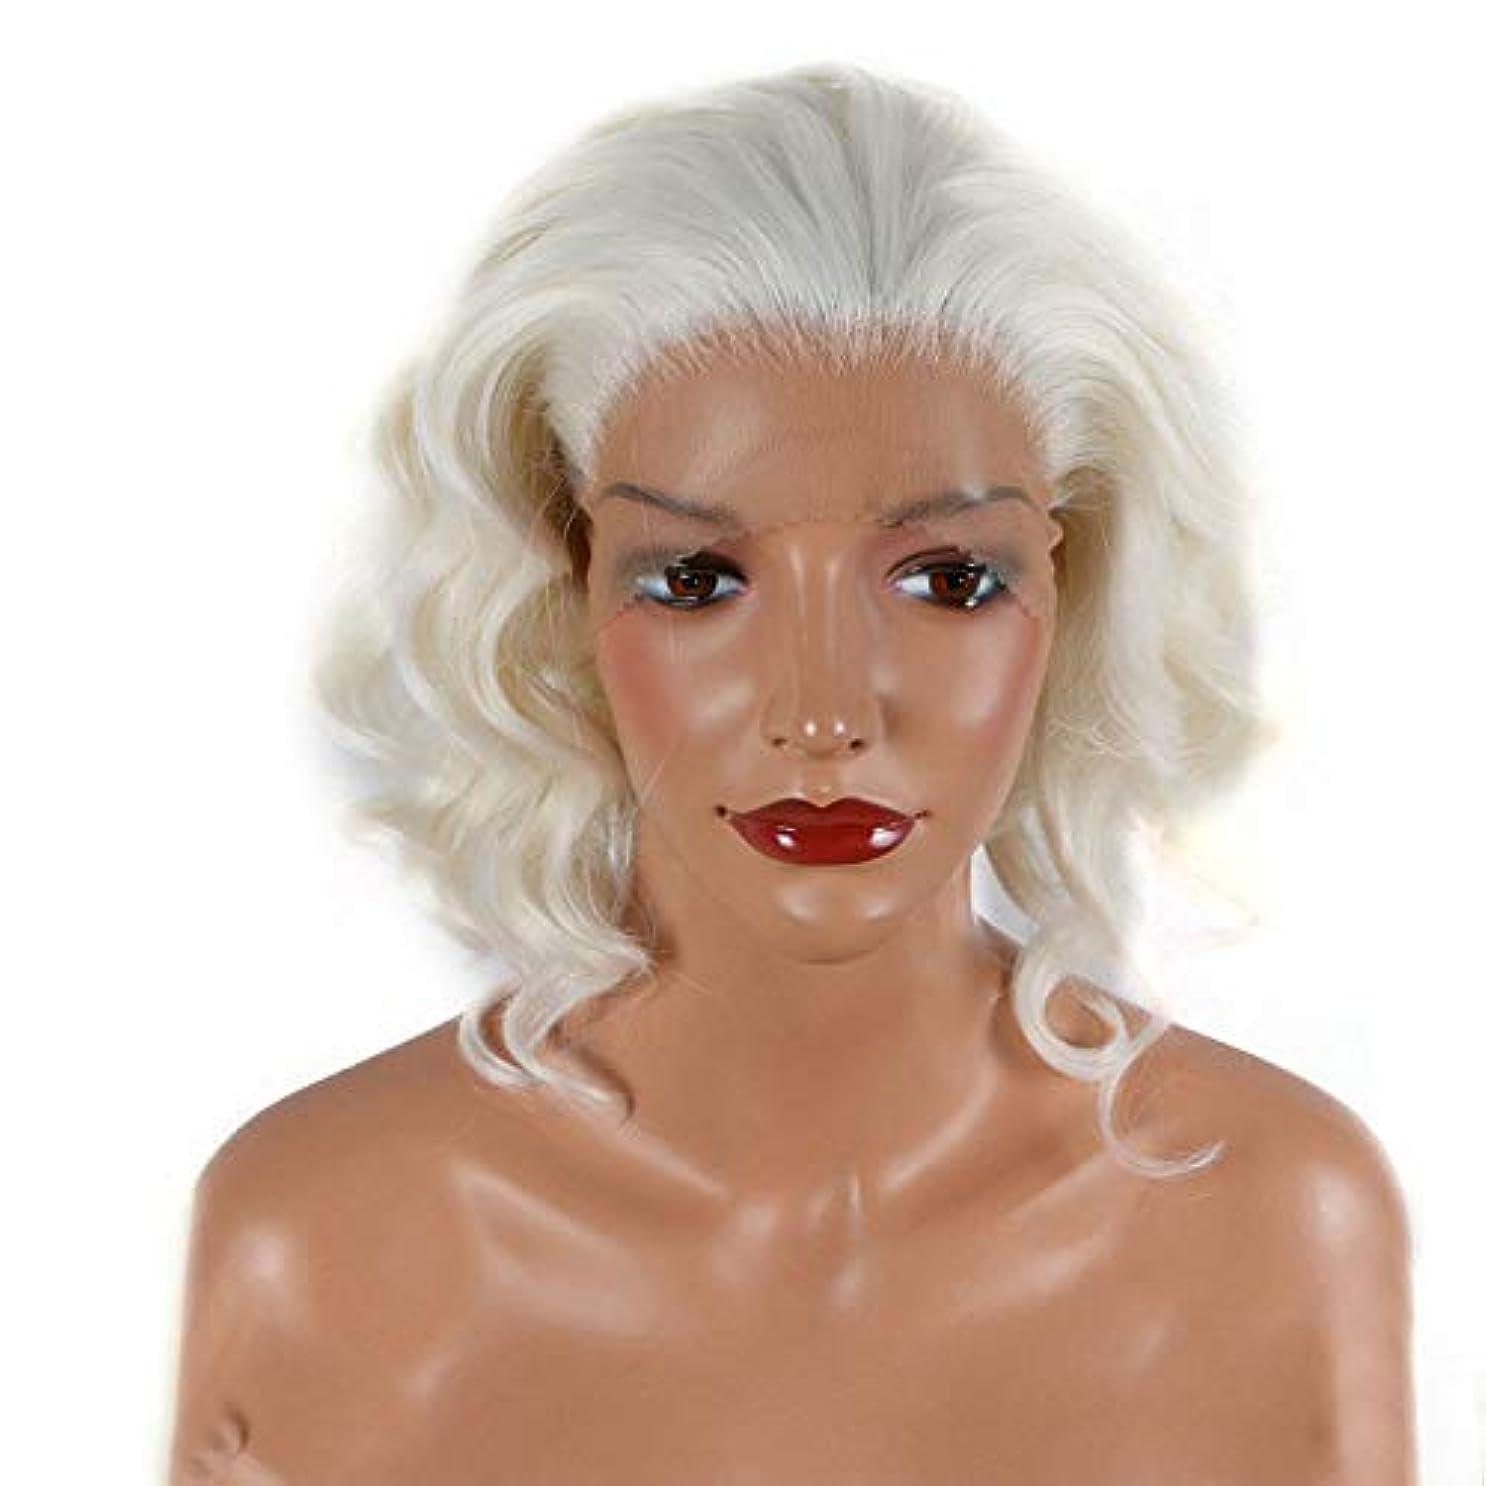 ポーターたらい特異なYOUQIU 女性の日常かつらのために女子ショートボブスタイルカーリー白毛ウィッグ (色 : ホワイト)